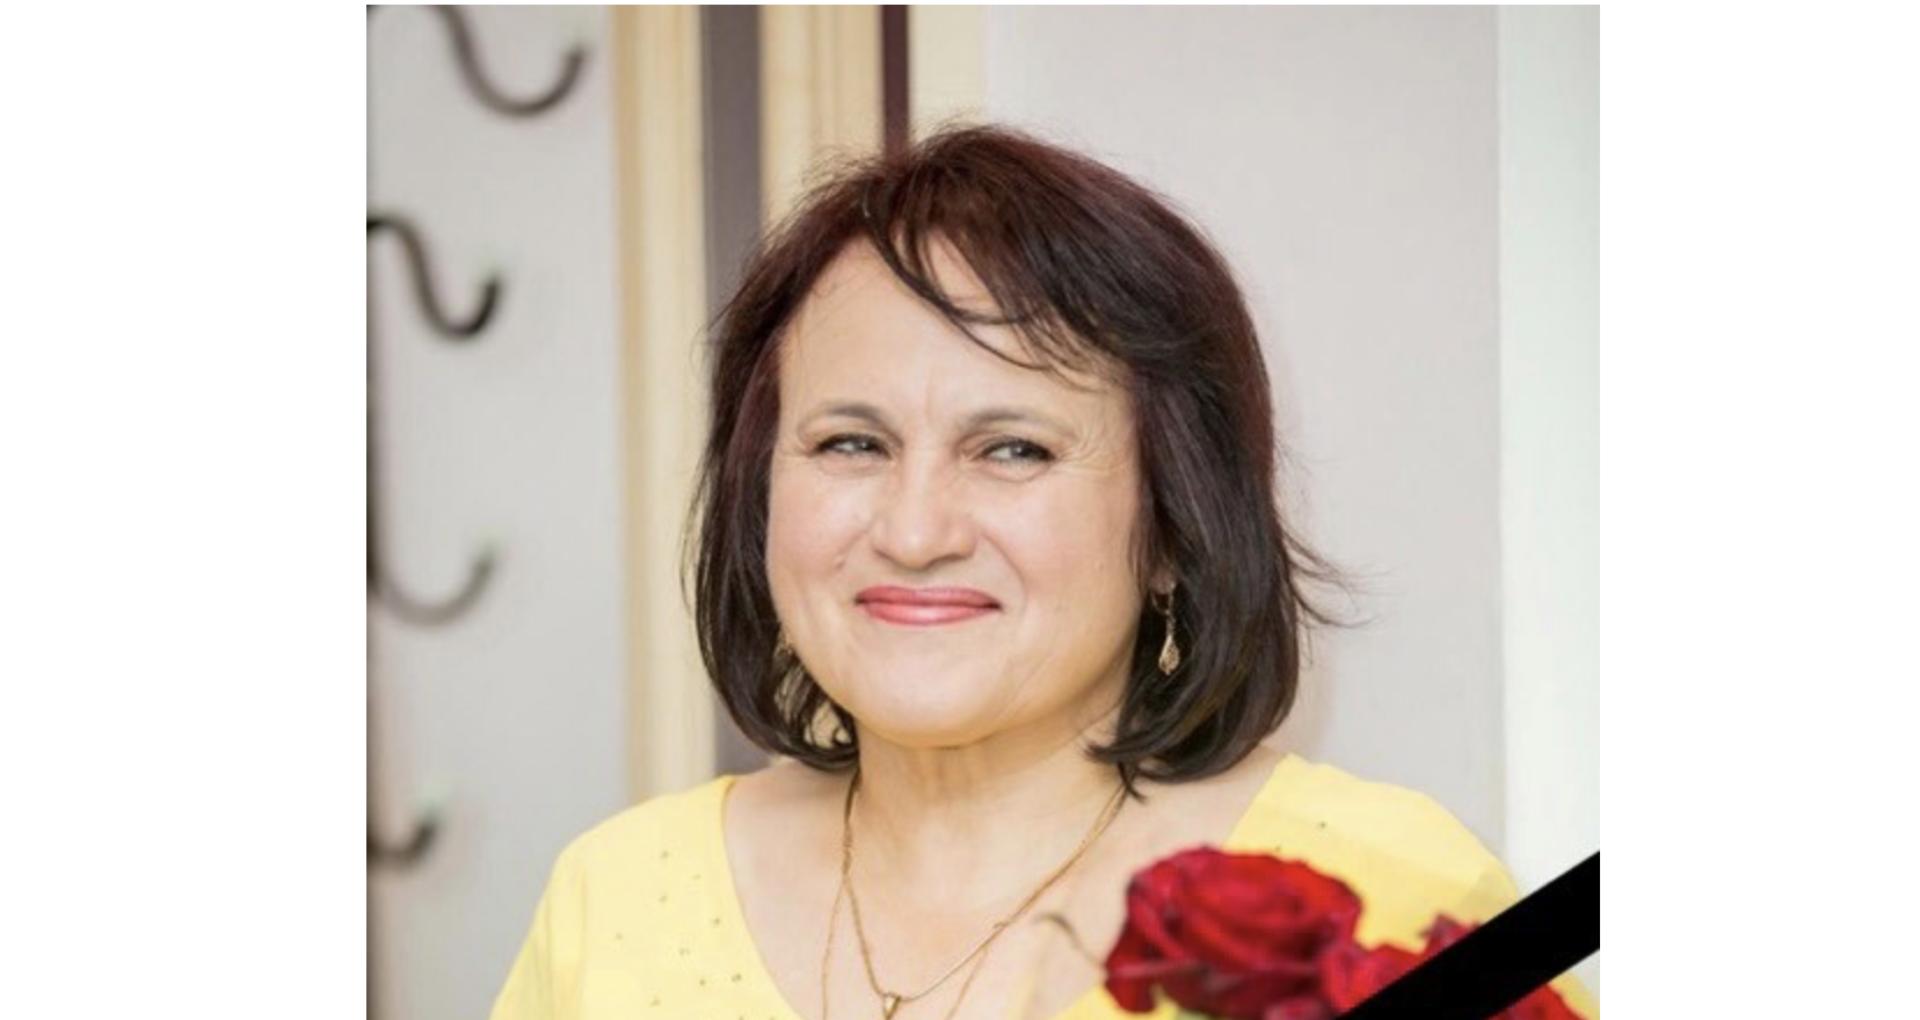 Angajată a Ministerului Sănătății, Muncii și Protecției Sociale, răpusă de COVID-19. Mesajul instituției